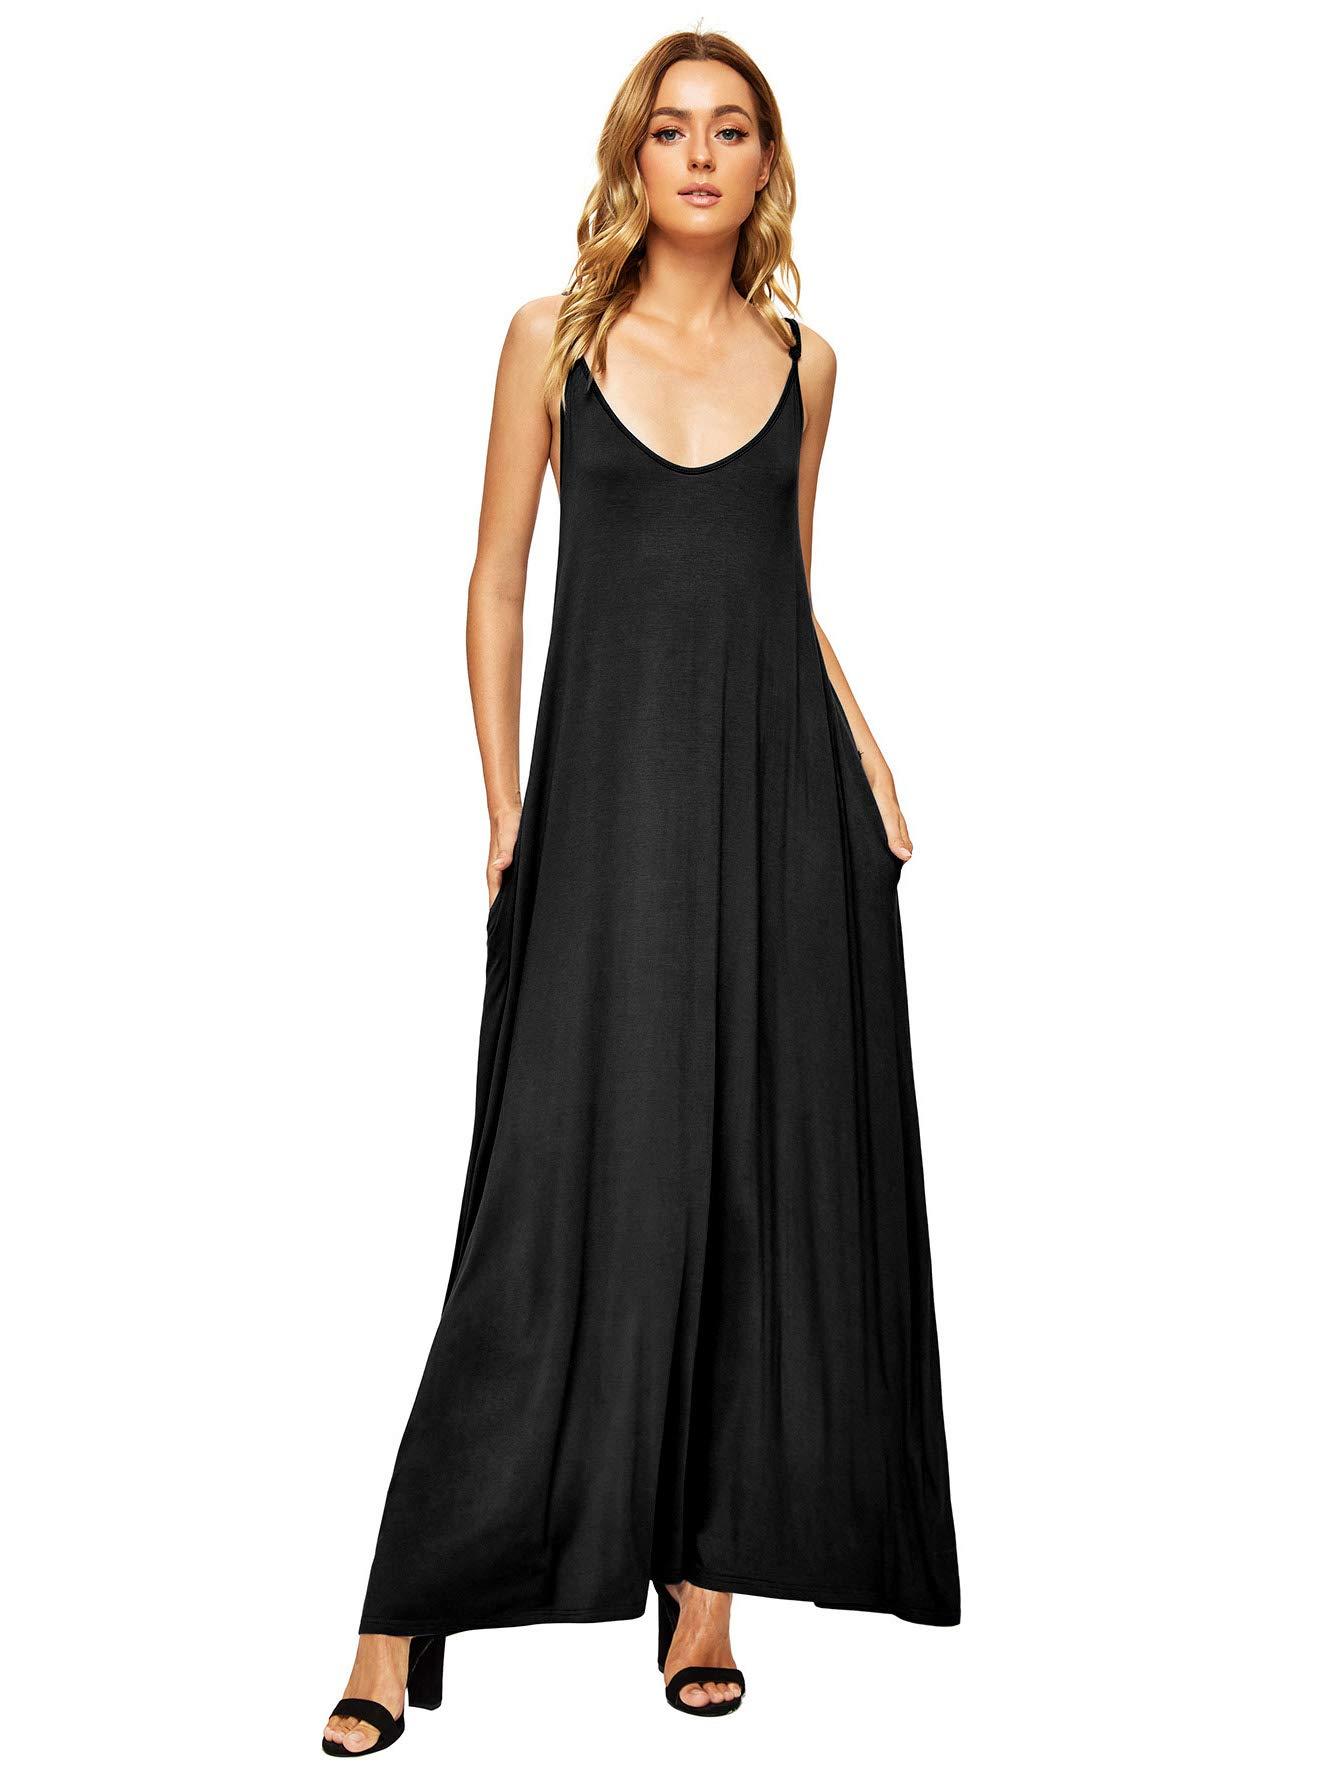 Verdusa Women's Casual Spaghetti Strap Flowy Long Beach Maxi Dress Plain Black L